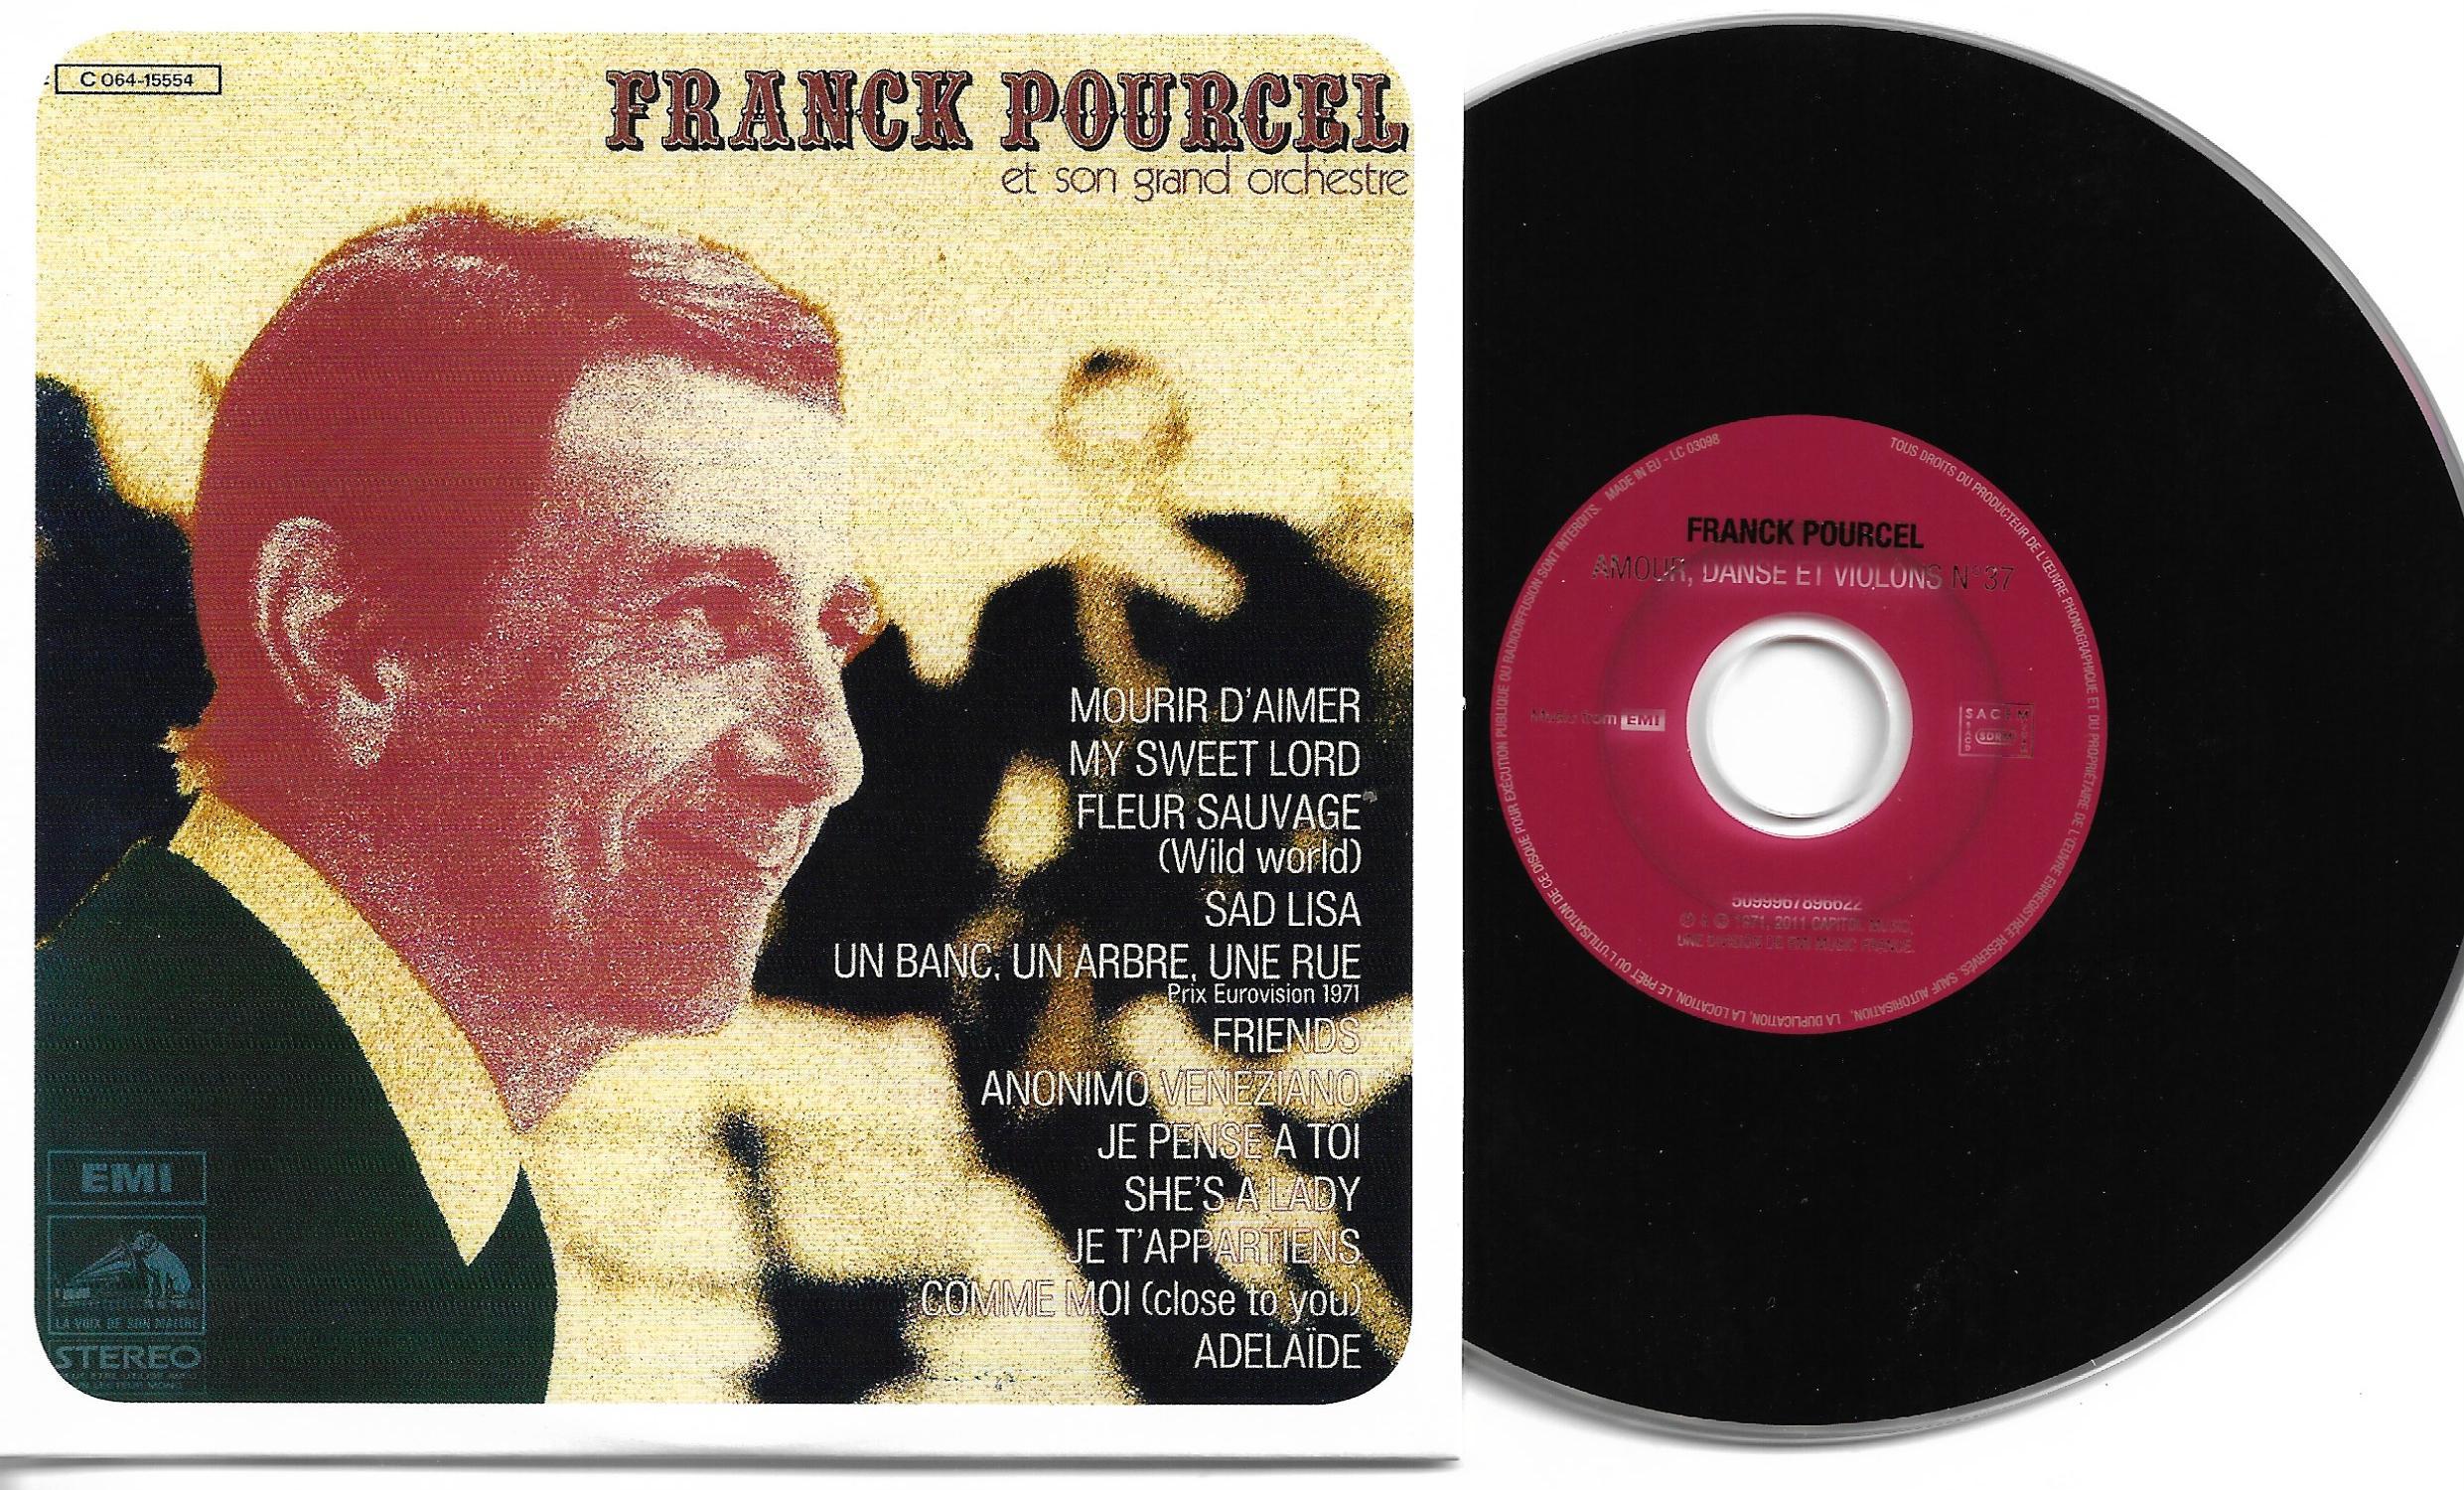 Franck POURCEL - Amour Danse Et Violons N°37 (1971 - Mini Lp Replica - 12-track Card Sleeve)